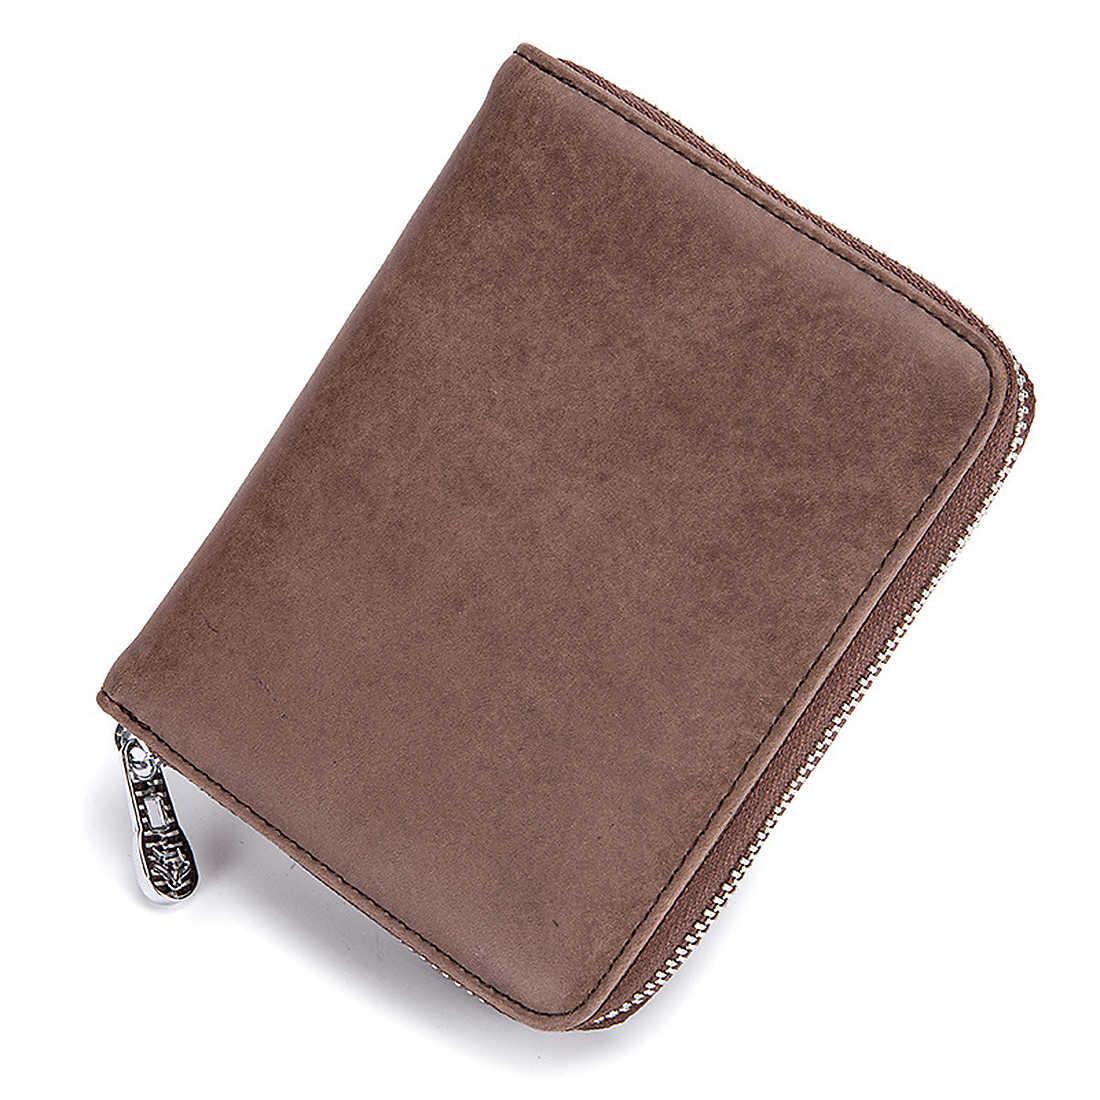 0f07e1f20b70 ... Аккордеон пояса из натуральной кожи кредитные карты Holer для мужчин  женщин Multi Функция паспорт на молнии